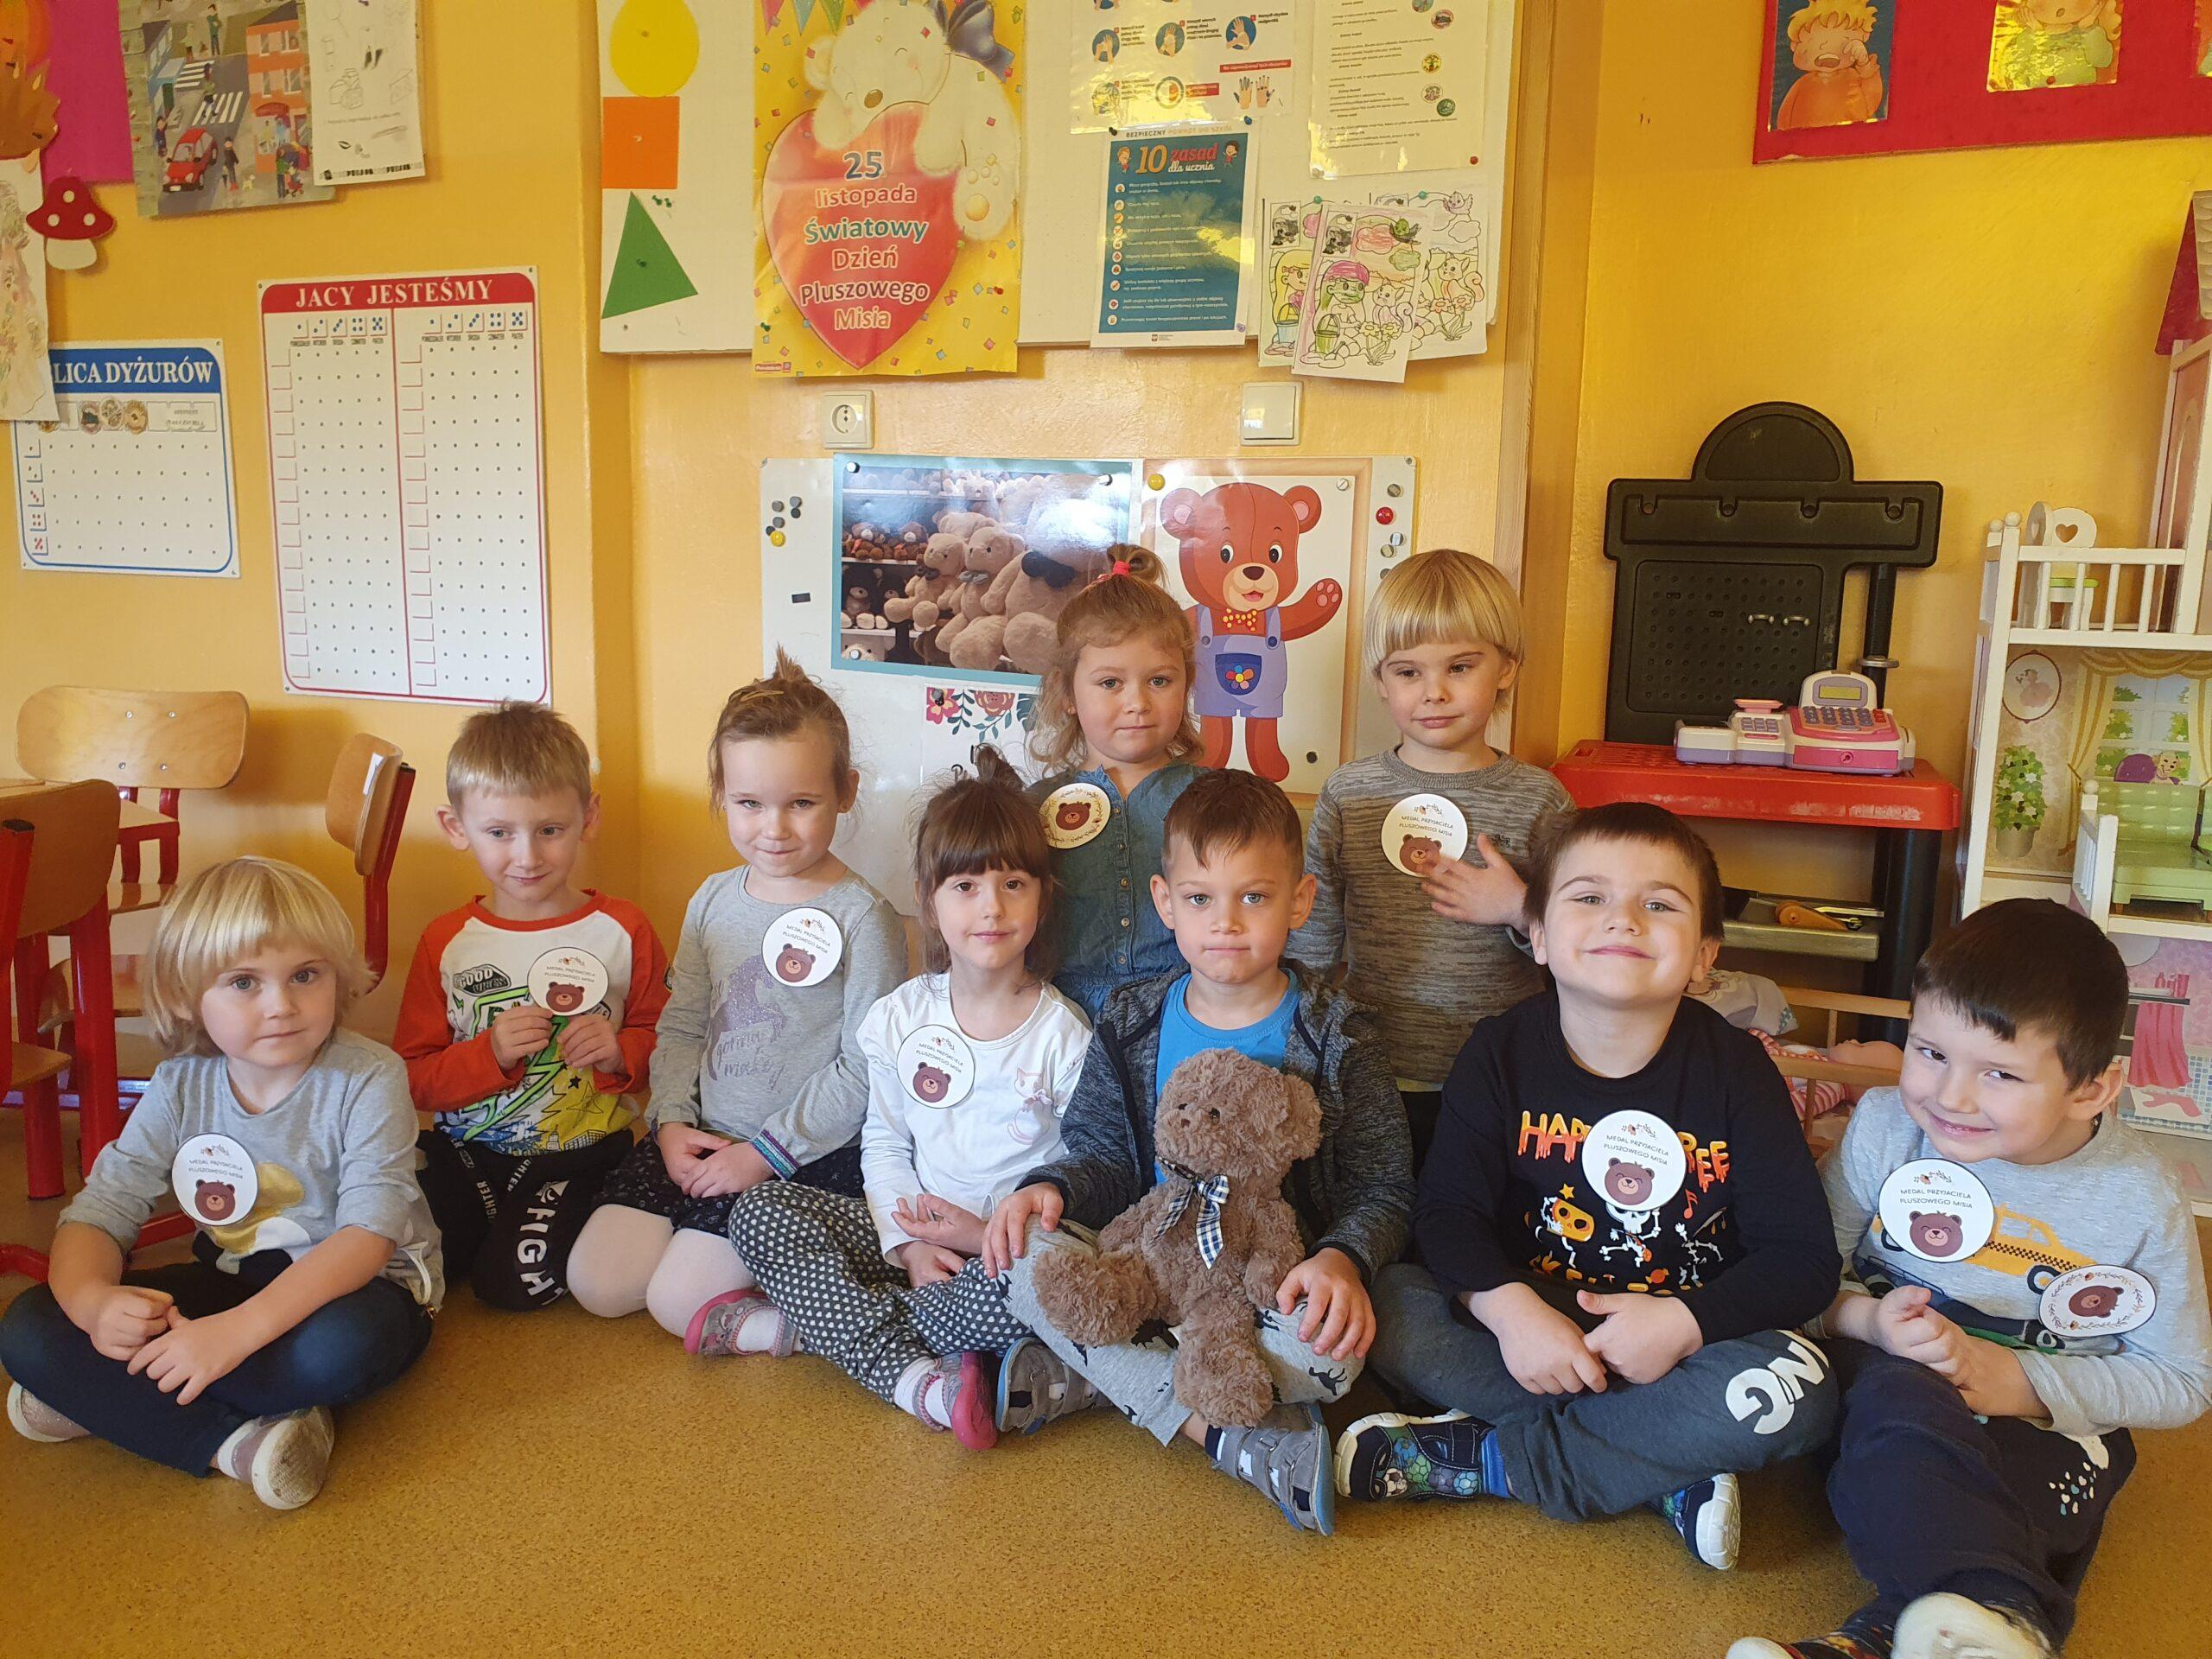 dzieci siedzą w siadzie skrzyżnym, maja przyczepione papierowe medale przyjaciela p-luszowego misia. Chłopczyk trzyma na kolanach pluszowego misia